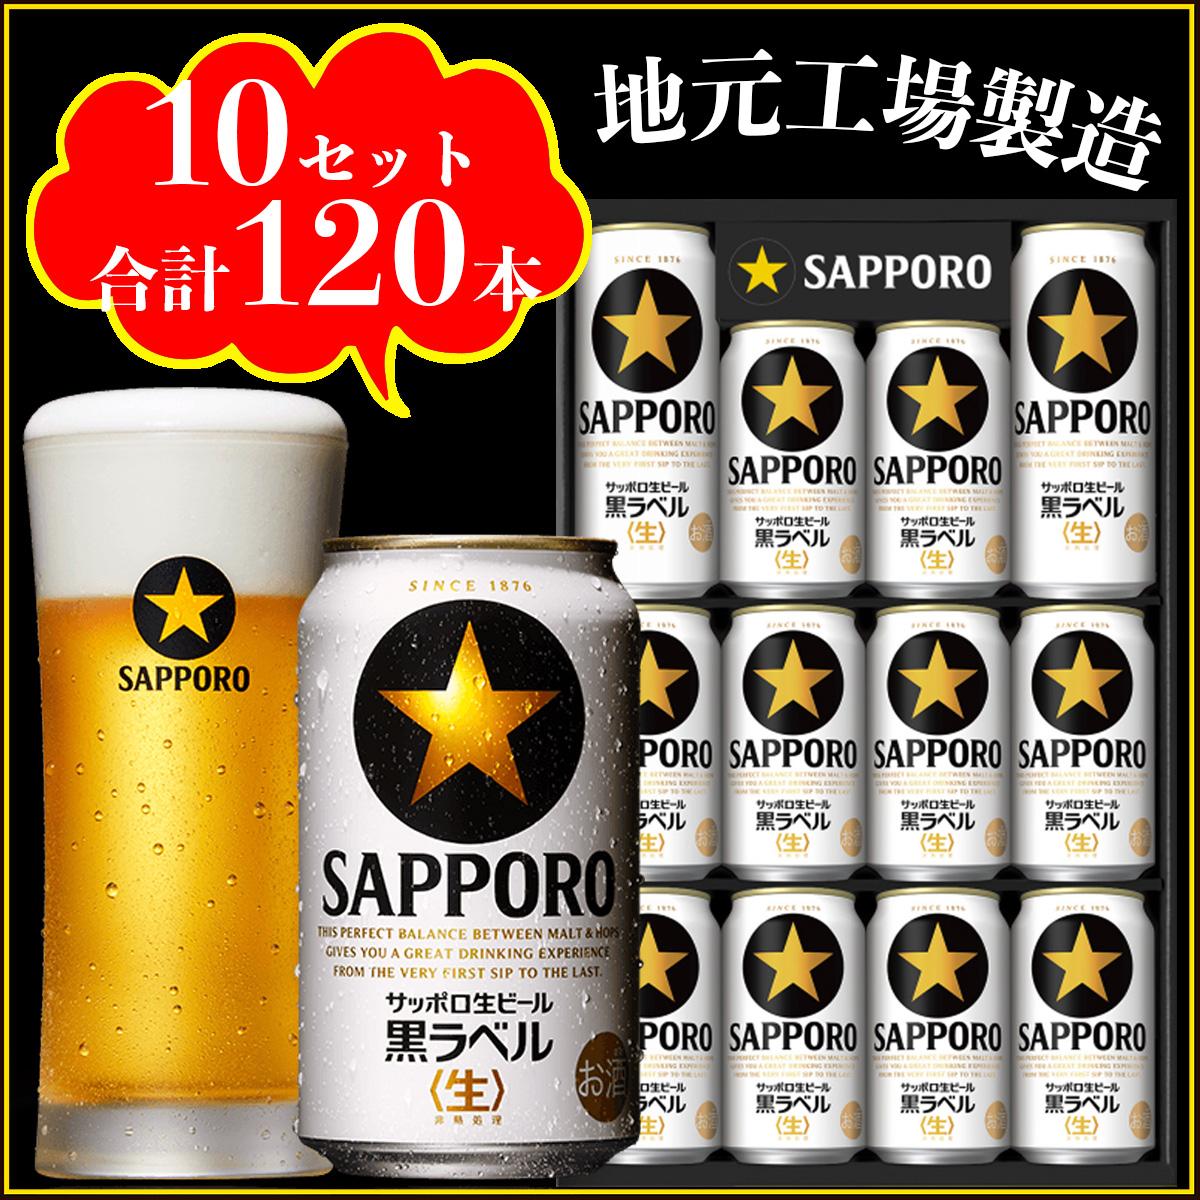 【ふるさと納税】【一括お届け便】地元名取生産 サッポロ生ビール黒ラベル(350ml×10本&500ml×2本)10ケースお届け